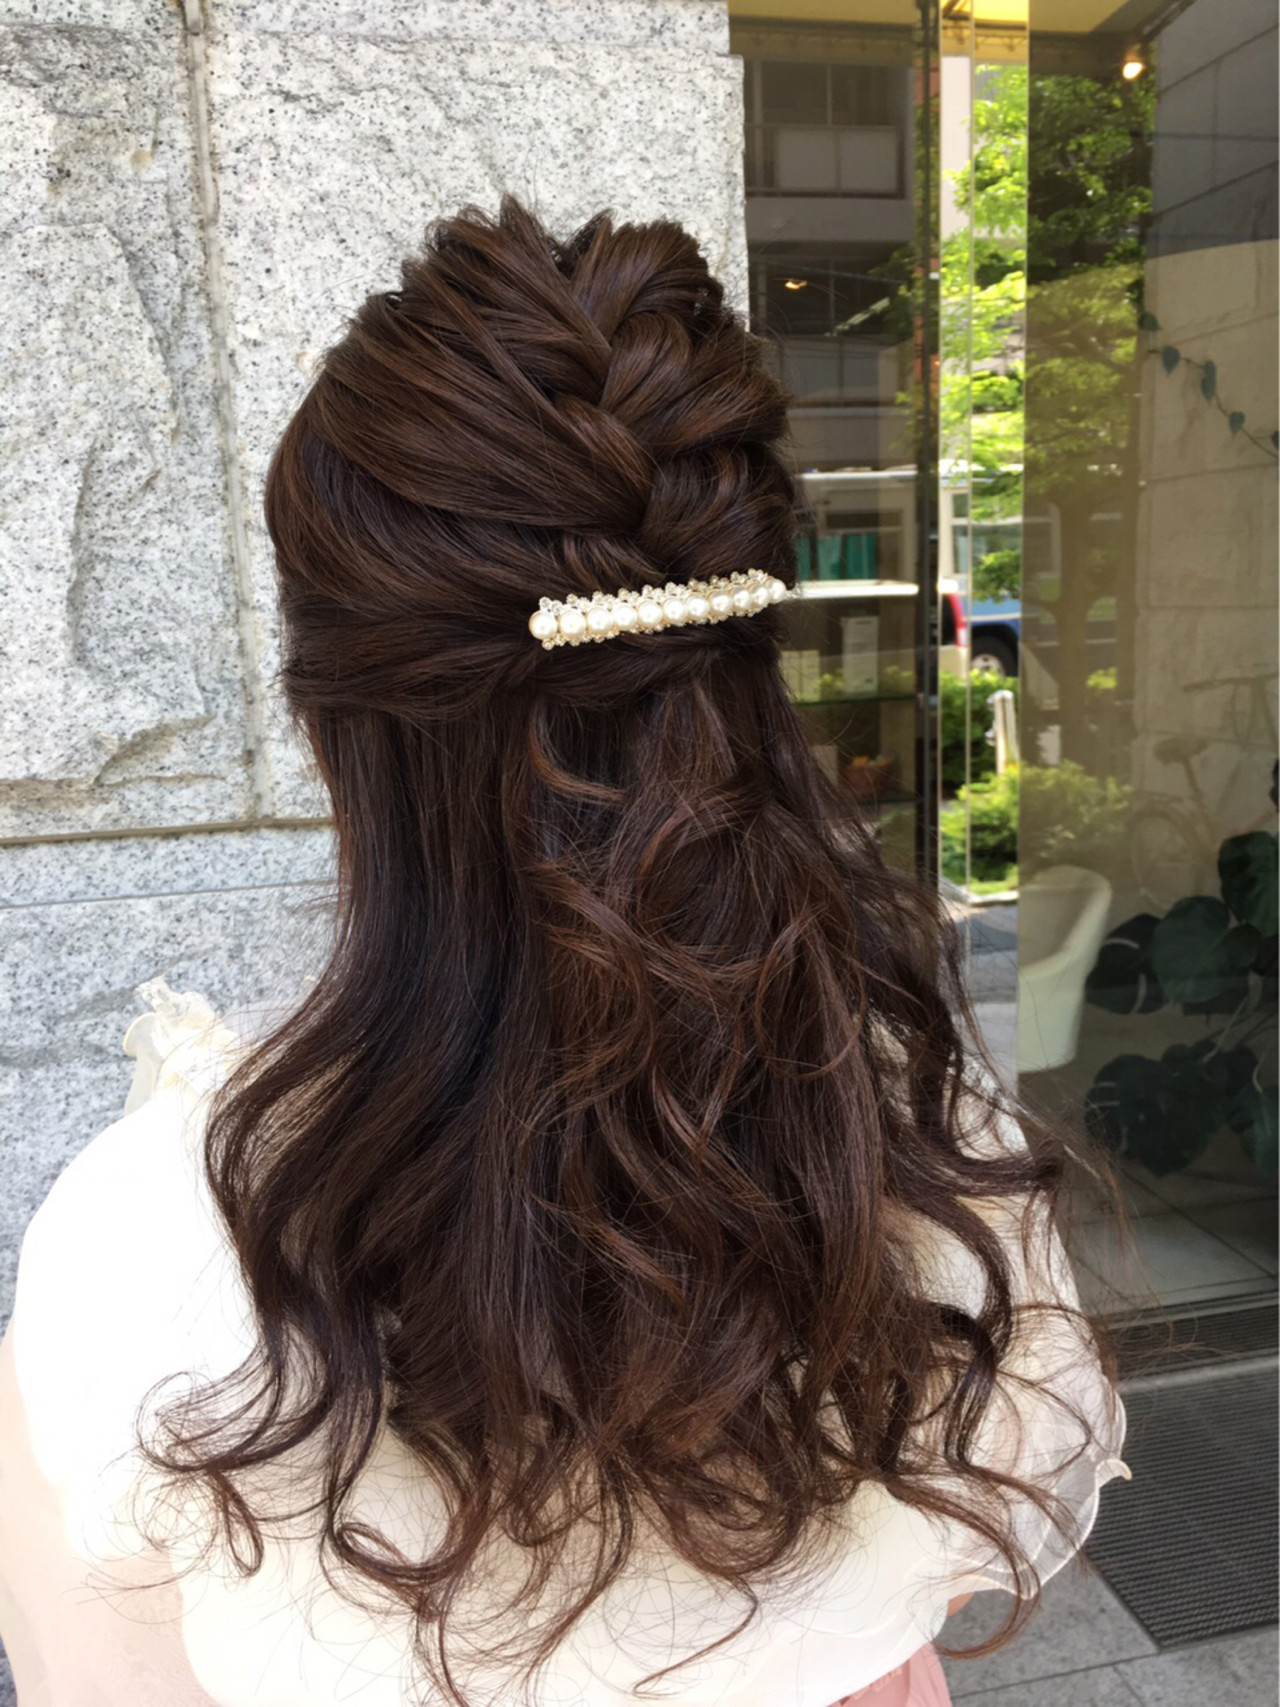 編み込み フェミニン ロング ブライダル ヘアスタイルや髪型の写真・画像 | 福光 柚香里 / refre&care MICHI